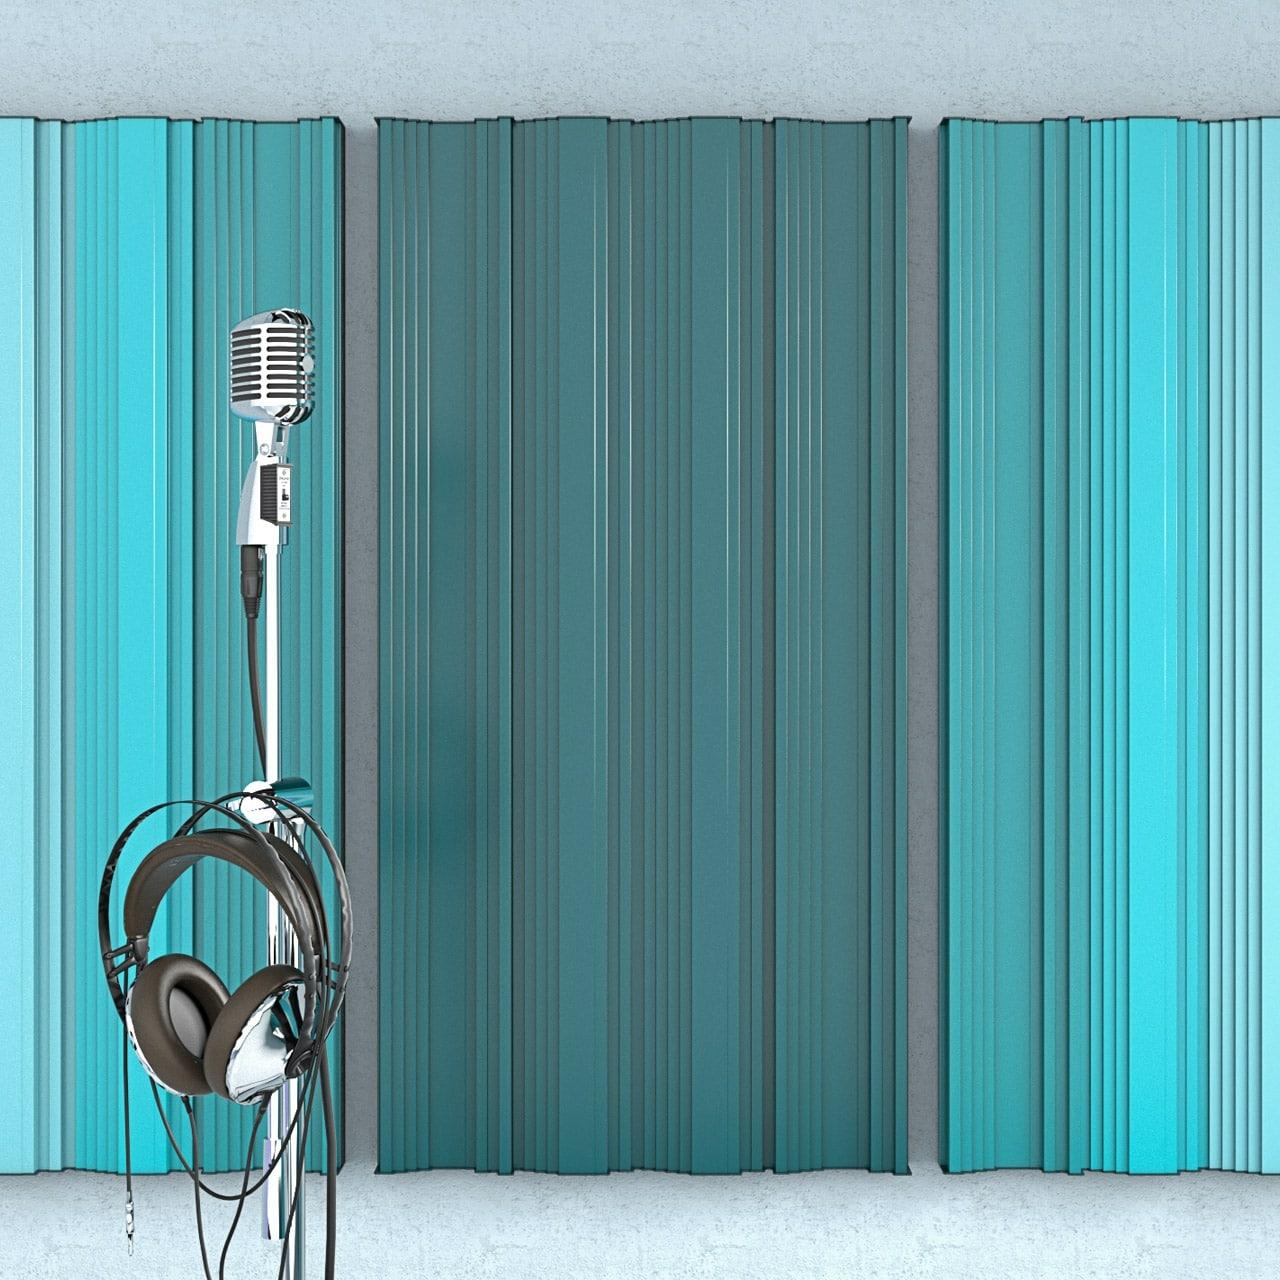 Wizualizacja modułowego panelu akustycznego OptiDi Panel zastosowanego na ścianie w sali prób